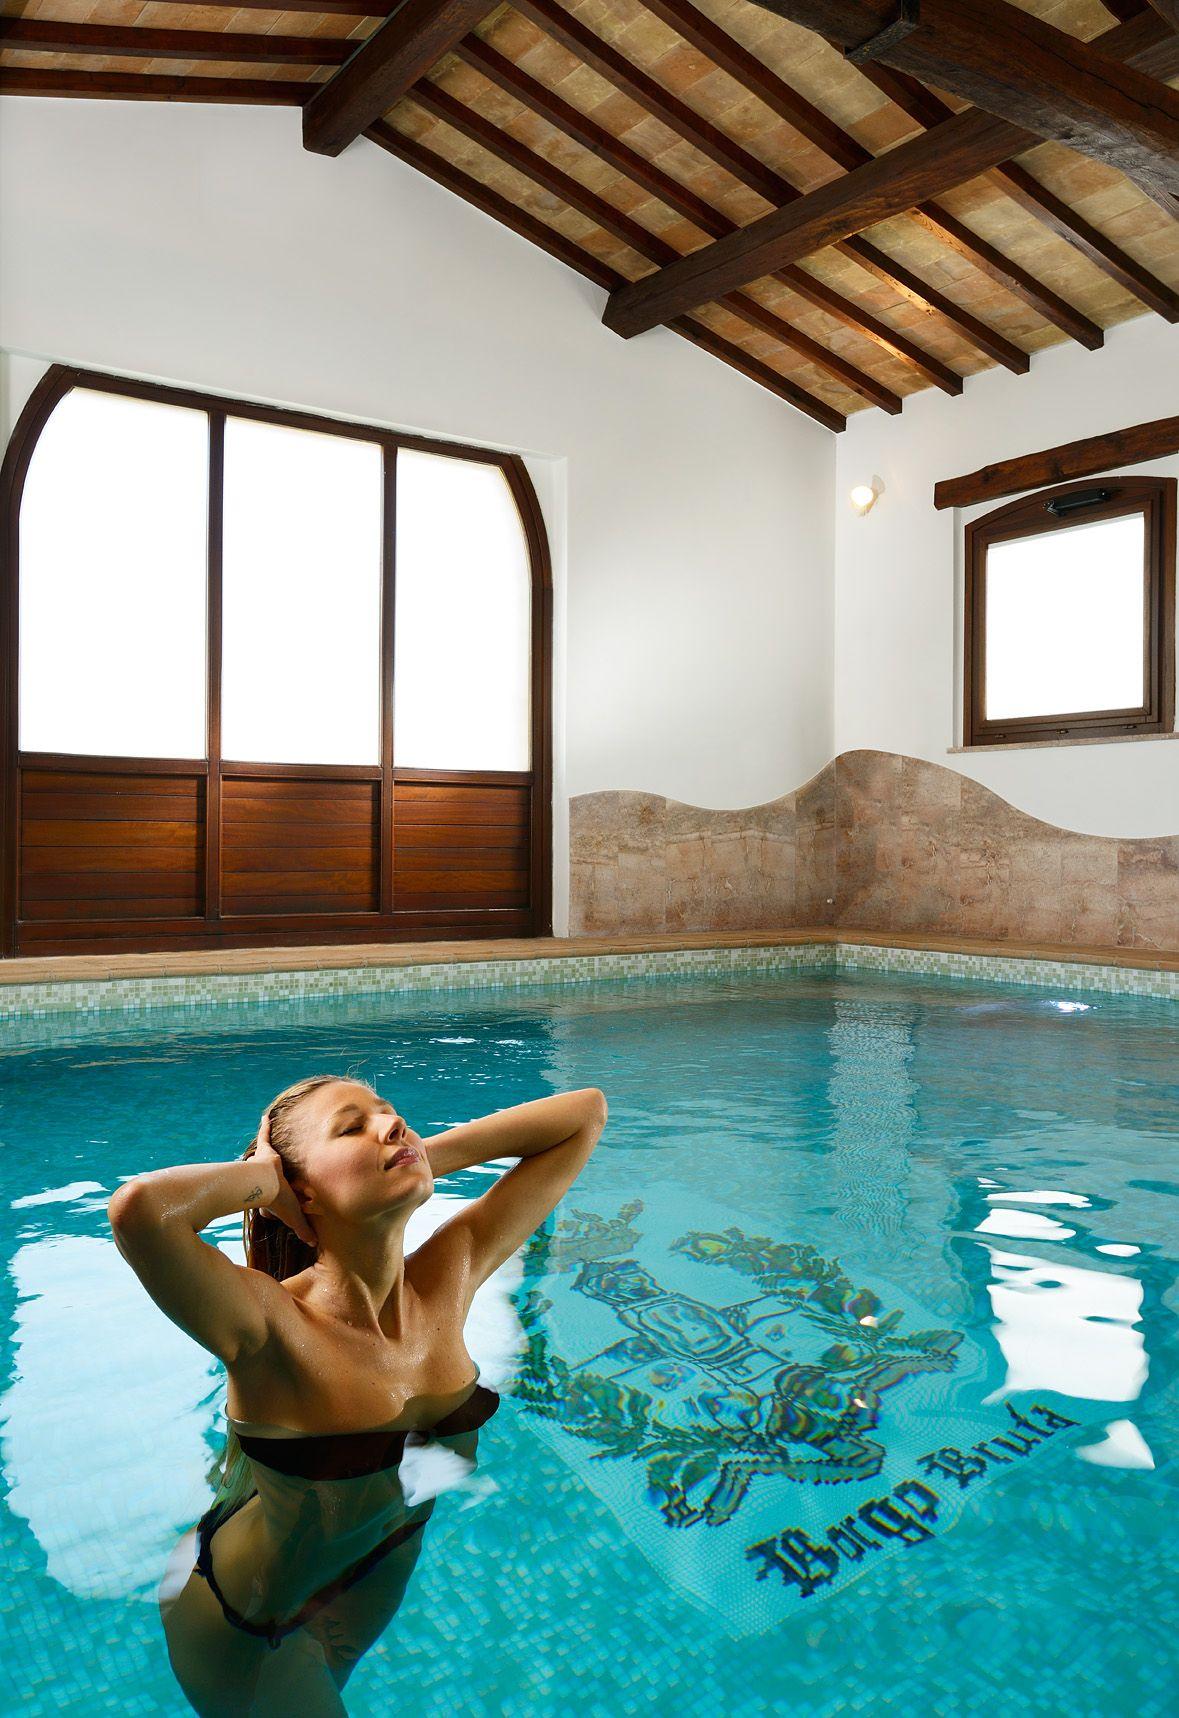 Relax assicurato nell 39 imperial suite con sauna ad infrarossi e piscina privata http www - Suite con piscina privata ...